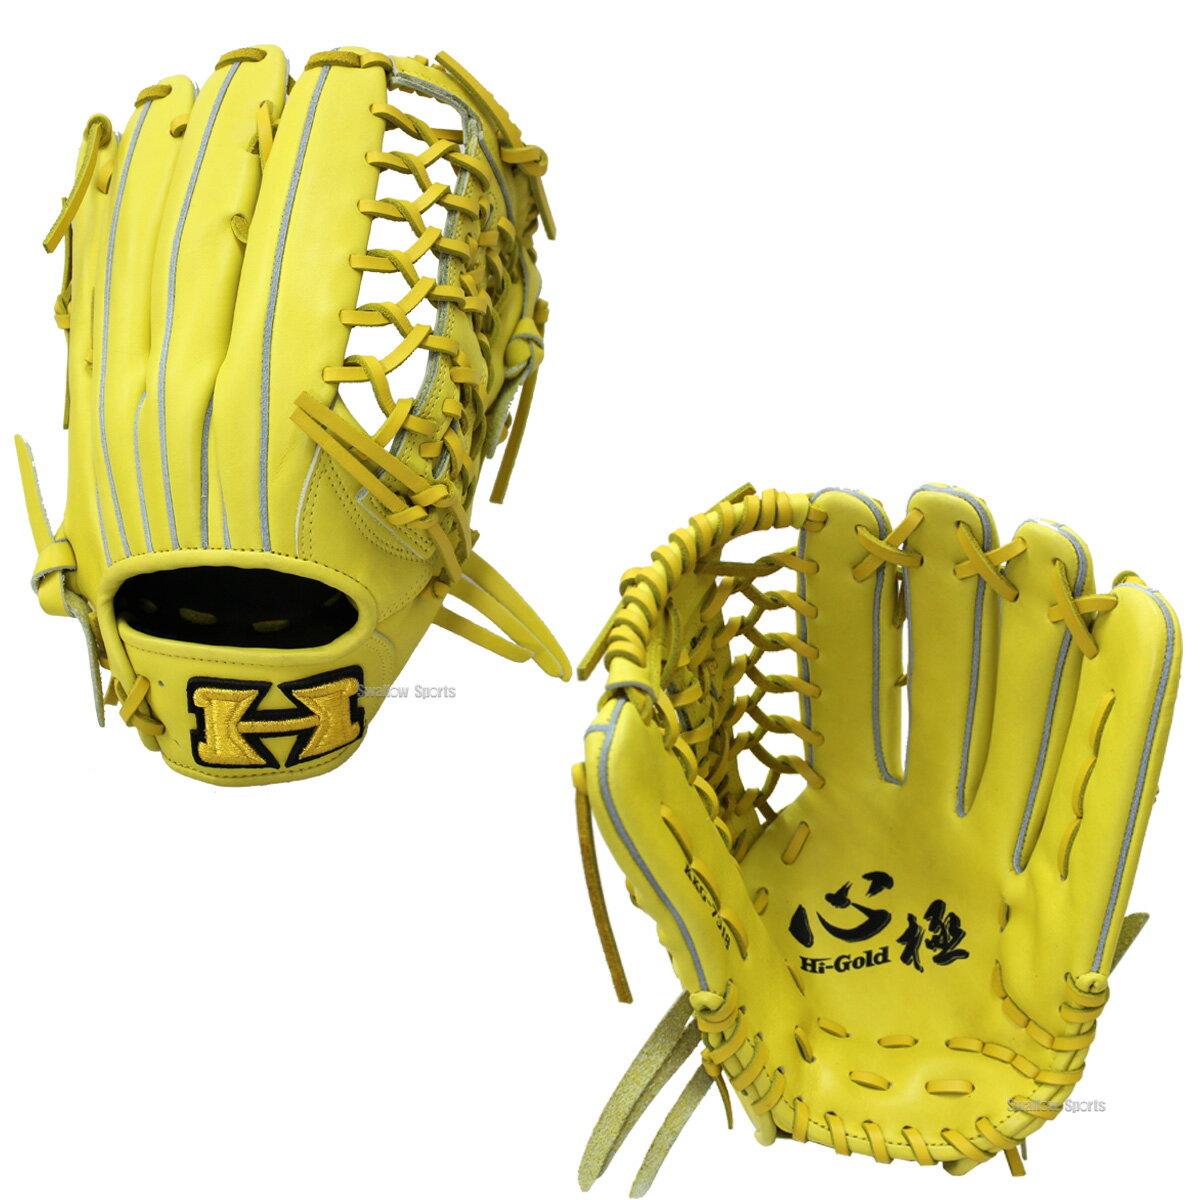 ハイゴールド 野球 軟式 グローブ 一般 野球グローブ軟式大人 グラブ 心極 外野用 外野手用 KKG-7518 軟式用 野球部 野球用品 スワロースポーツ